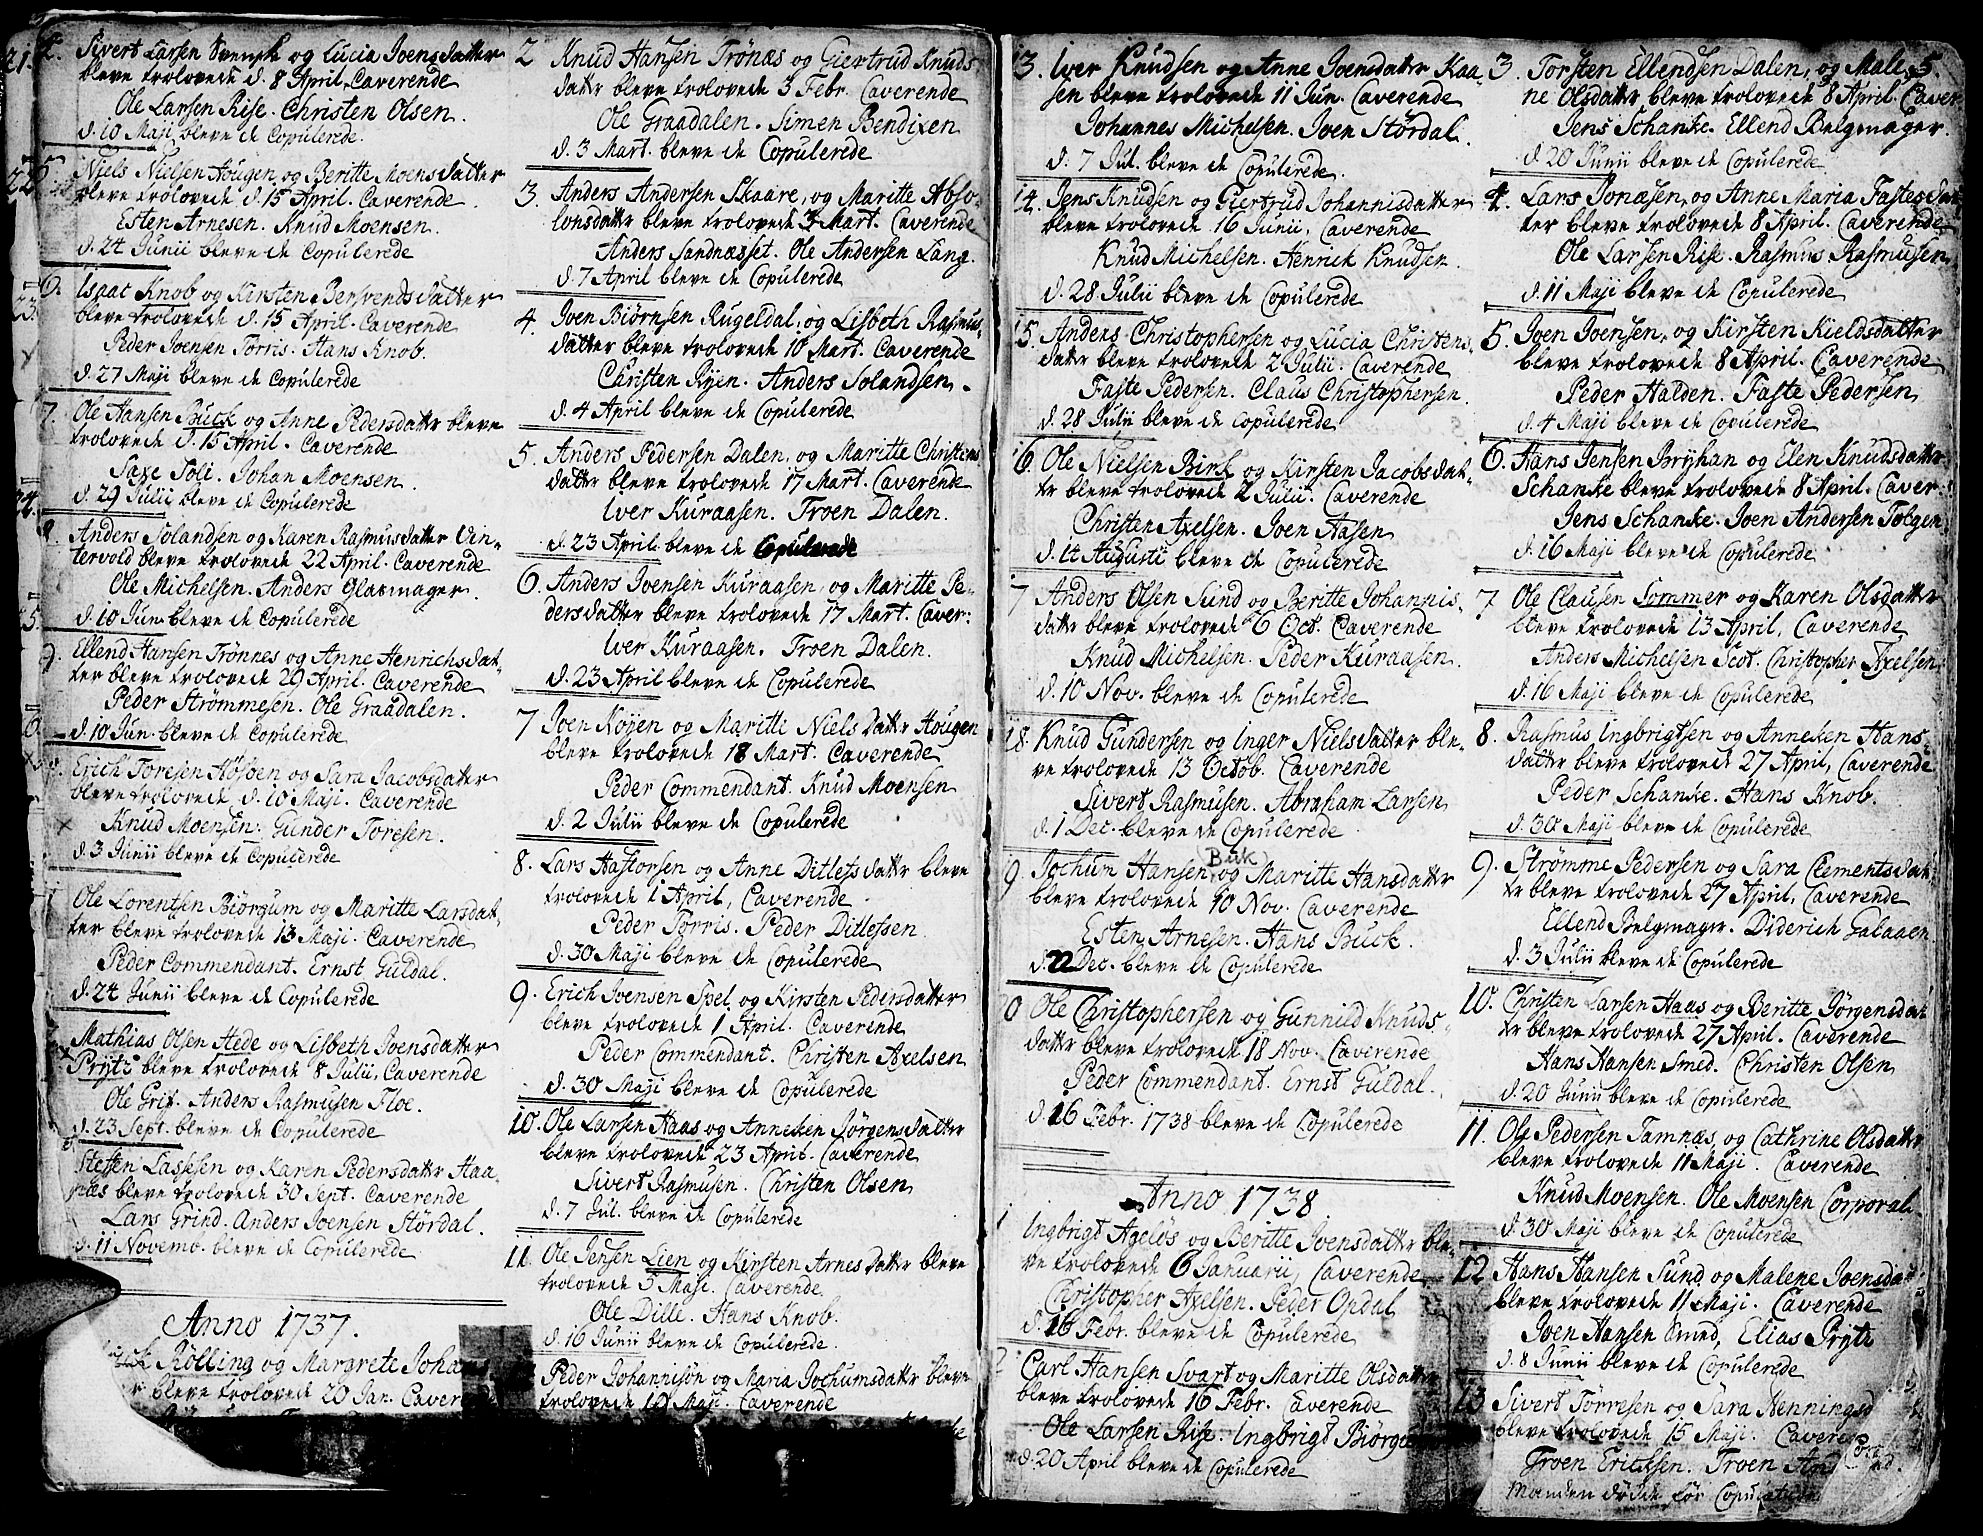 SAT, Ministerialprotokoller, klokkerbøker og fødselsregistre - Sør-Trøndelag, 681/L0925: Ministerialbok nr. 681A03, 1727-1766, s. 5